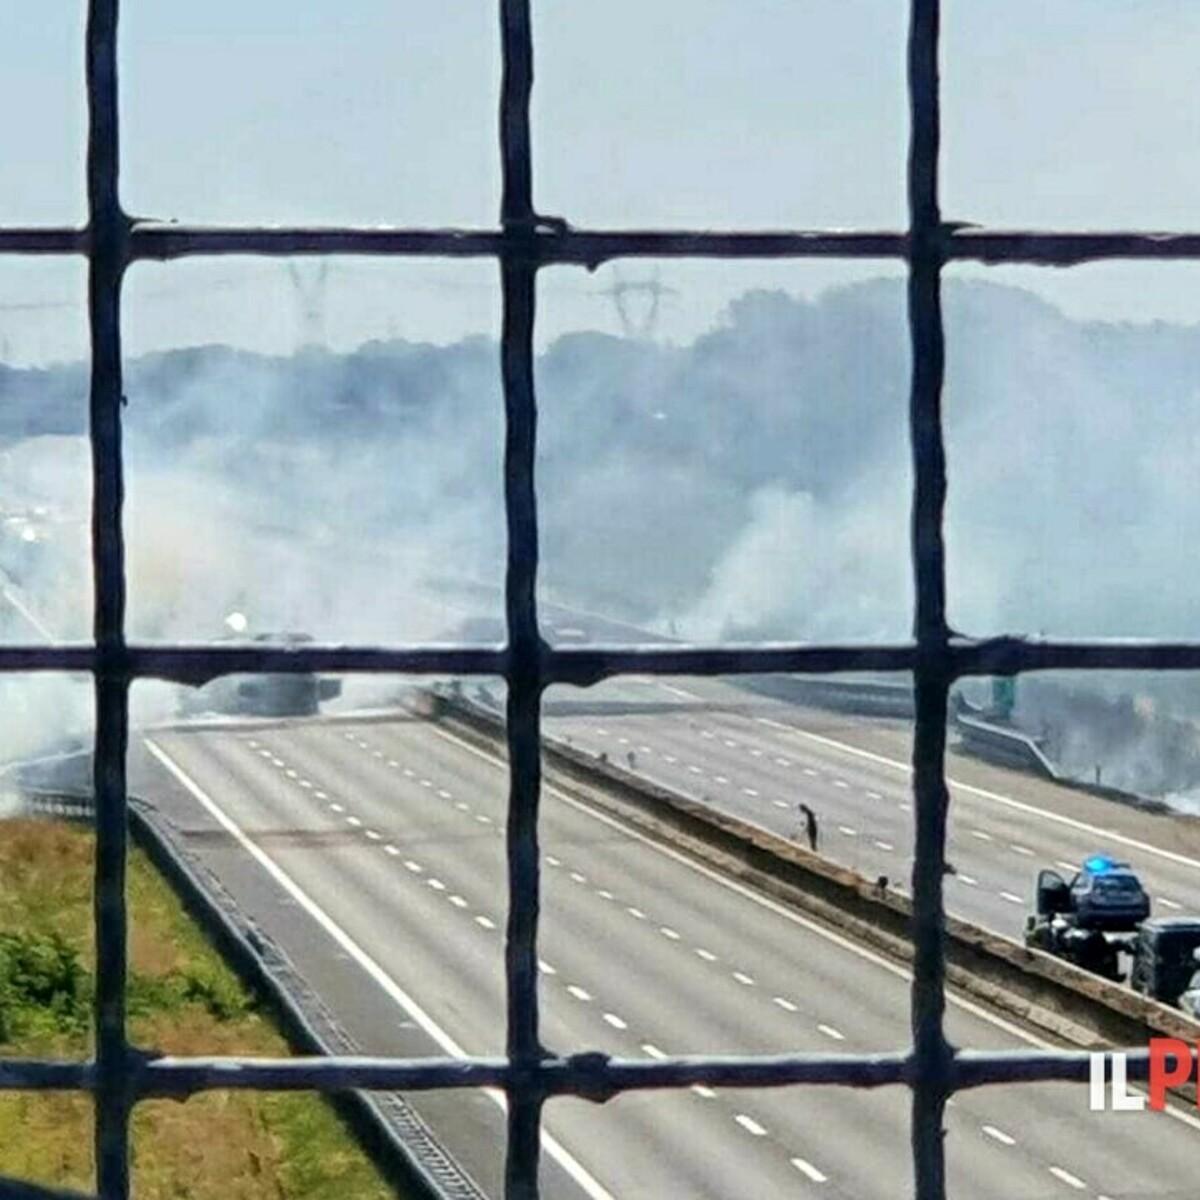 Tragedia sulla A1, autotreno tampona cisterna: i mezzi pesanti prendono fuoco, due morti